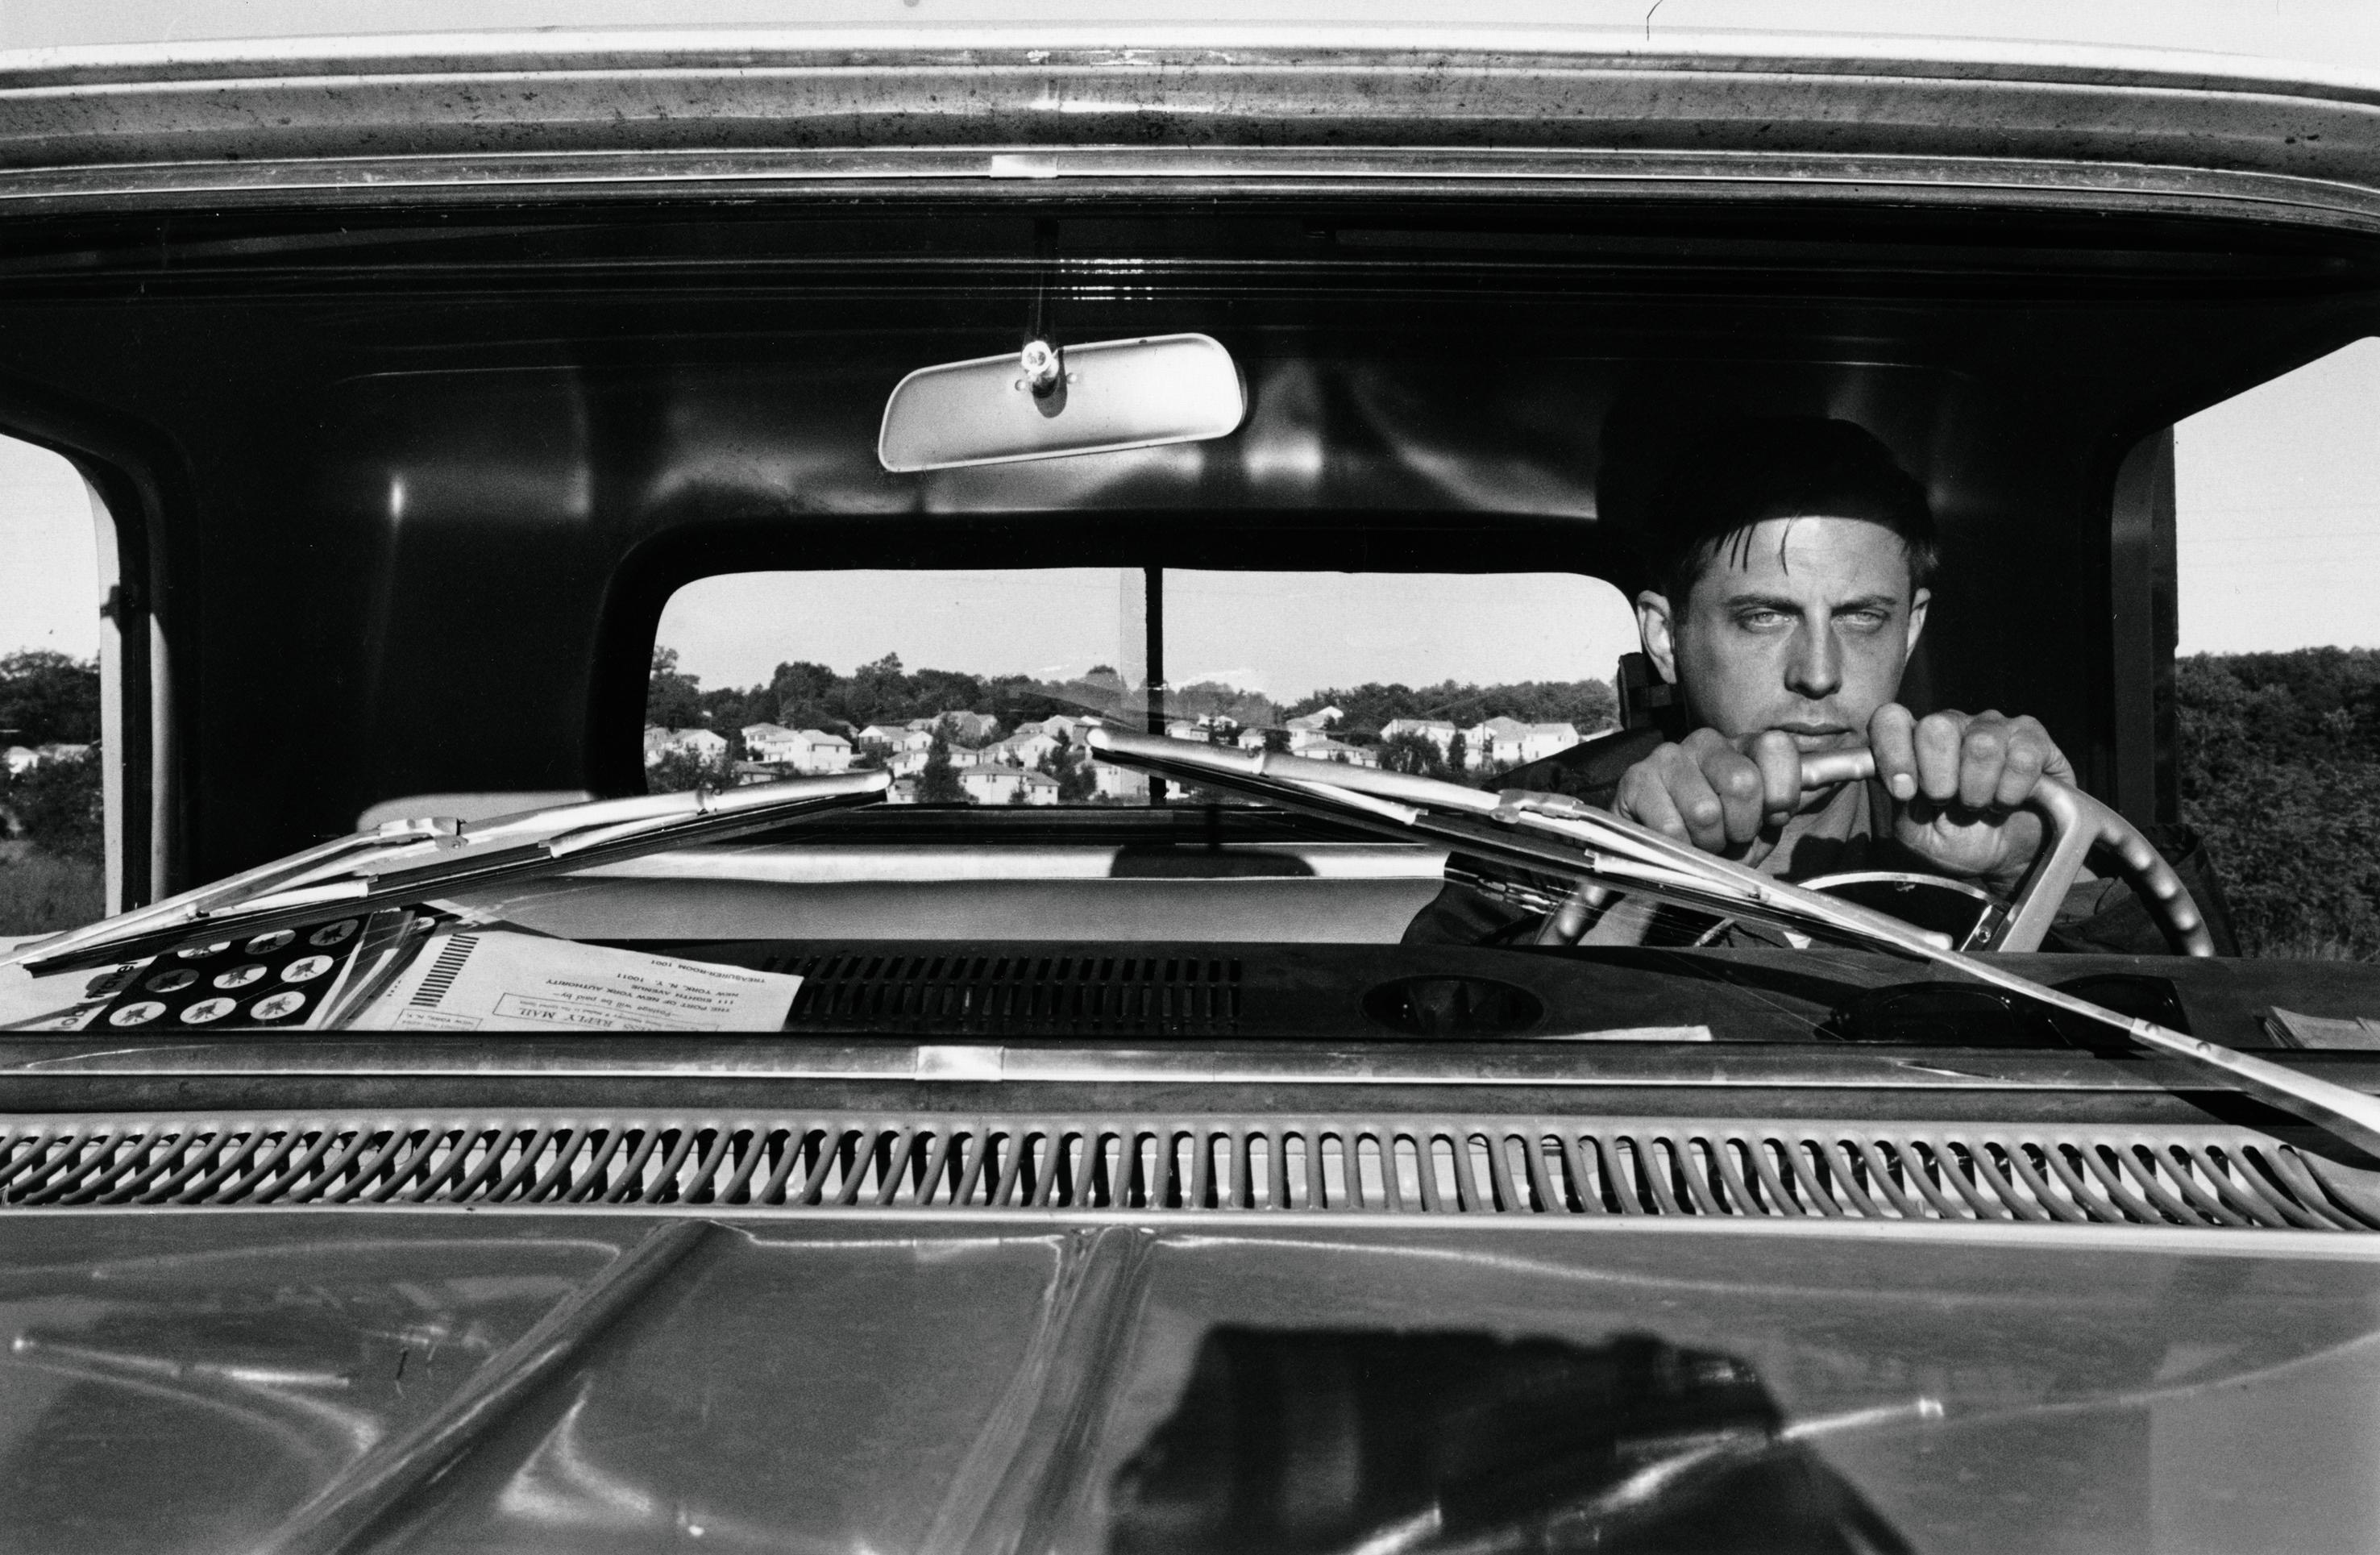 Autorretrato del fotógrafo en su coche